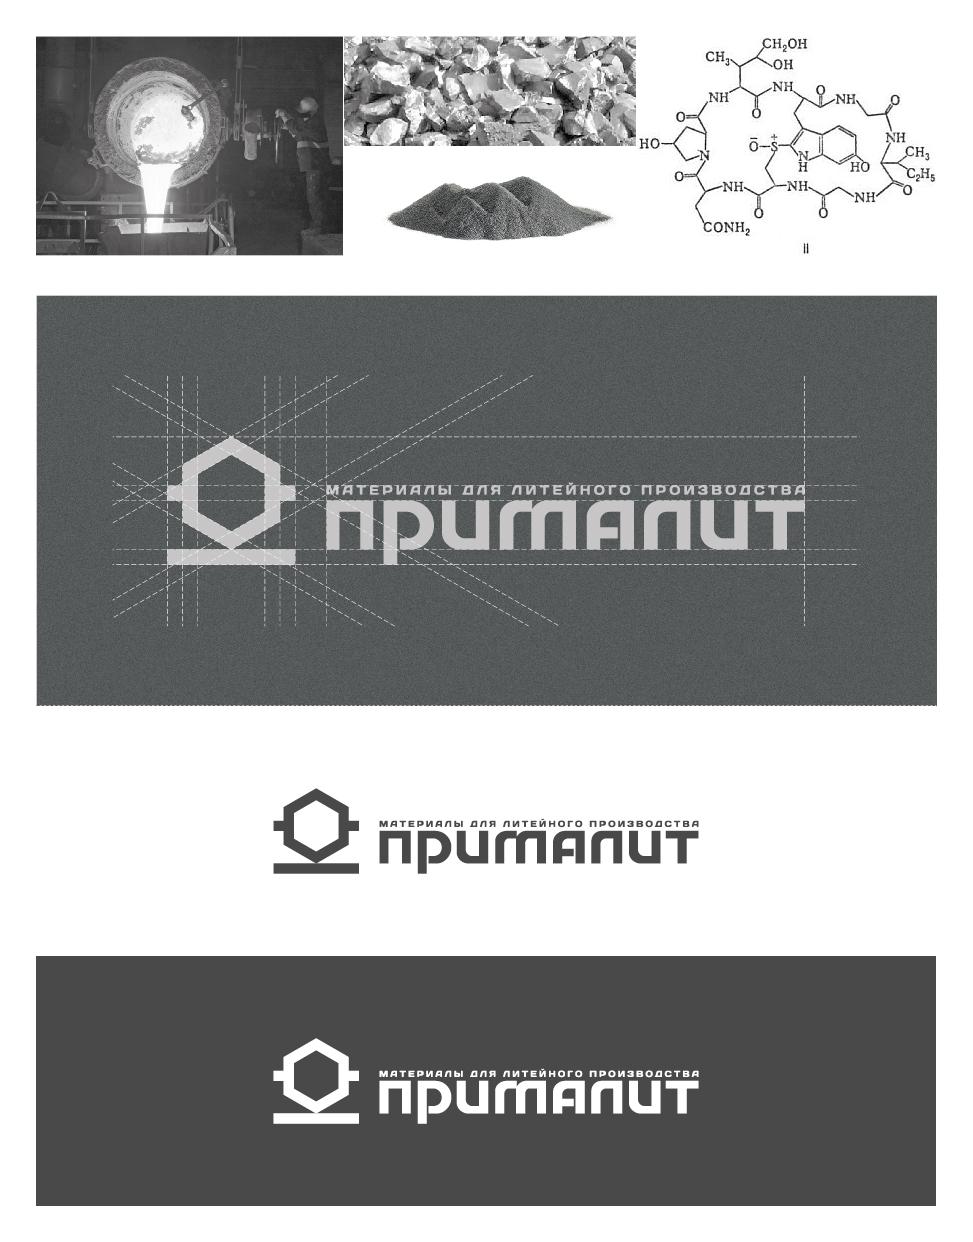 Материалы для литейного производства